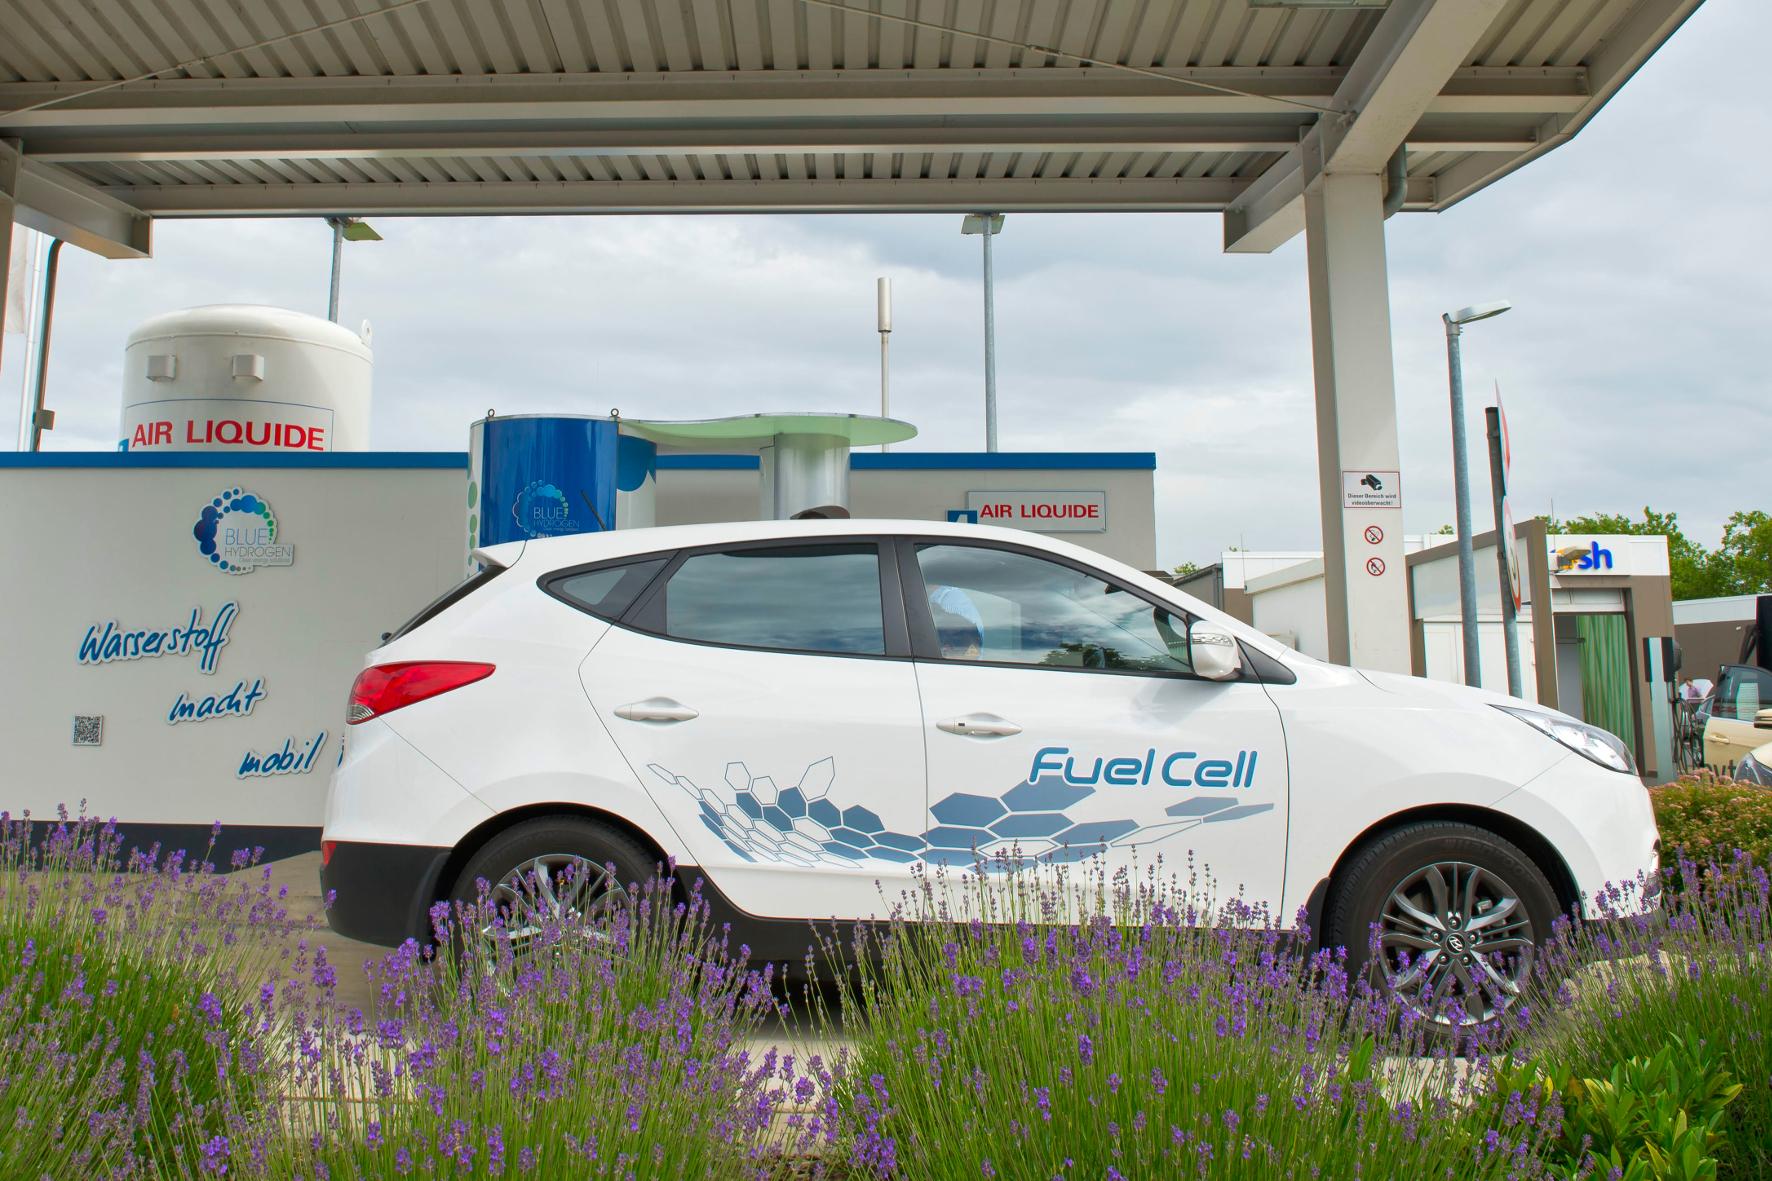 mid Groß-Gerau - Tankstellen für Brennstoffzellen-Fahrzeuge sind in Deutschland rar gesät. Autobauer Hyundai eröffnet jetzt am Firmensitz in Offenbach eine eigene Wasserstoff-Tankstelle.